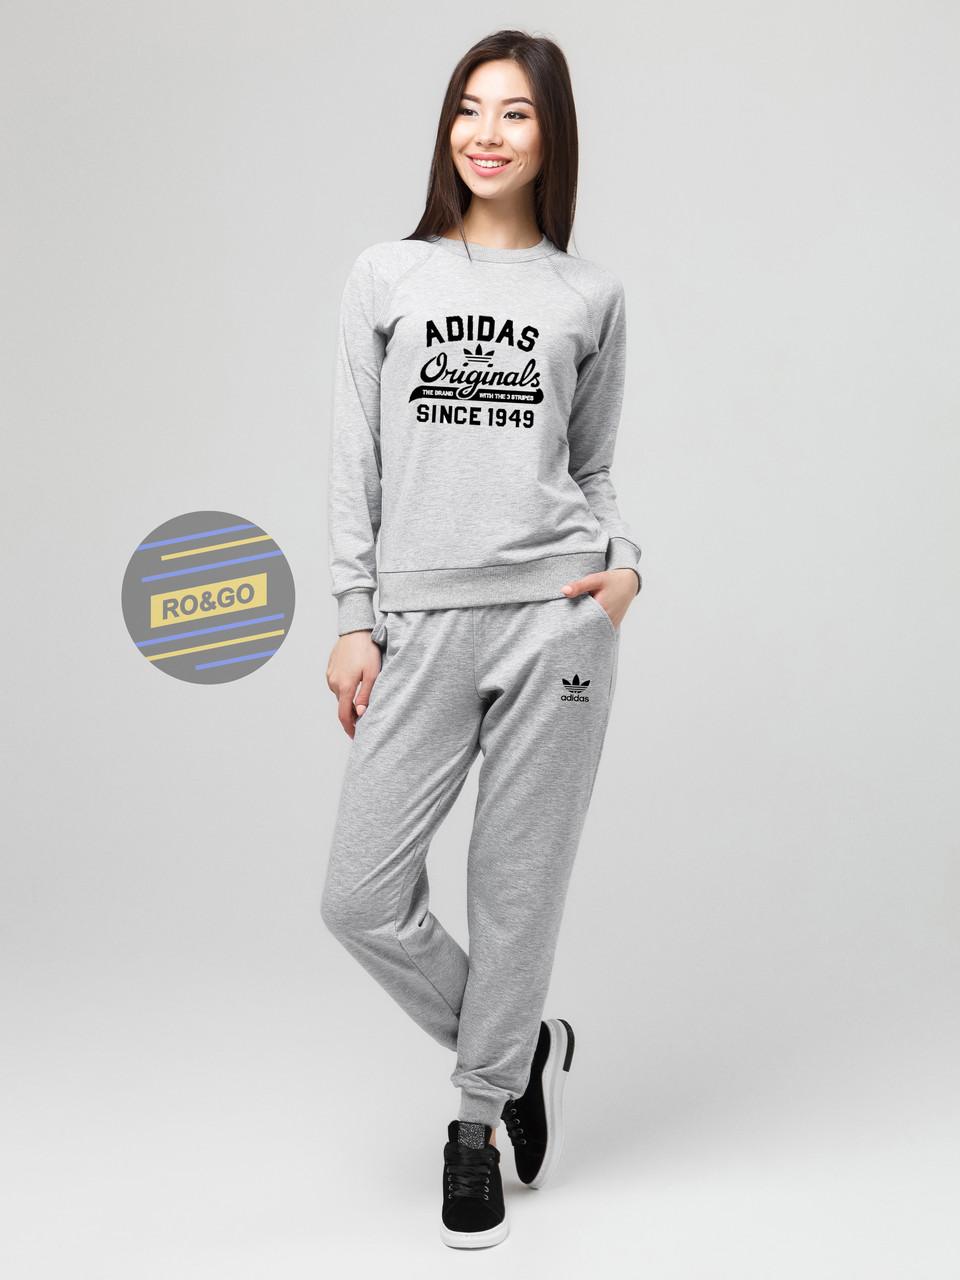 5bd1a6d8 Женский спортивный костюм Adidas originals, цена 616,25 грн., купить ...